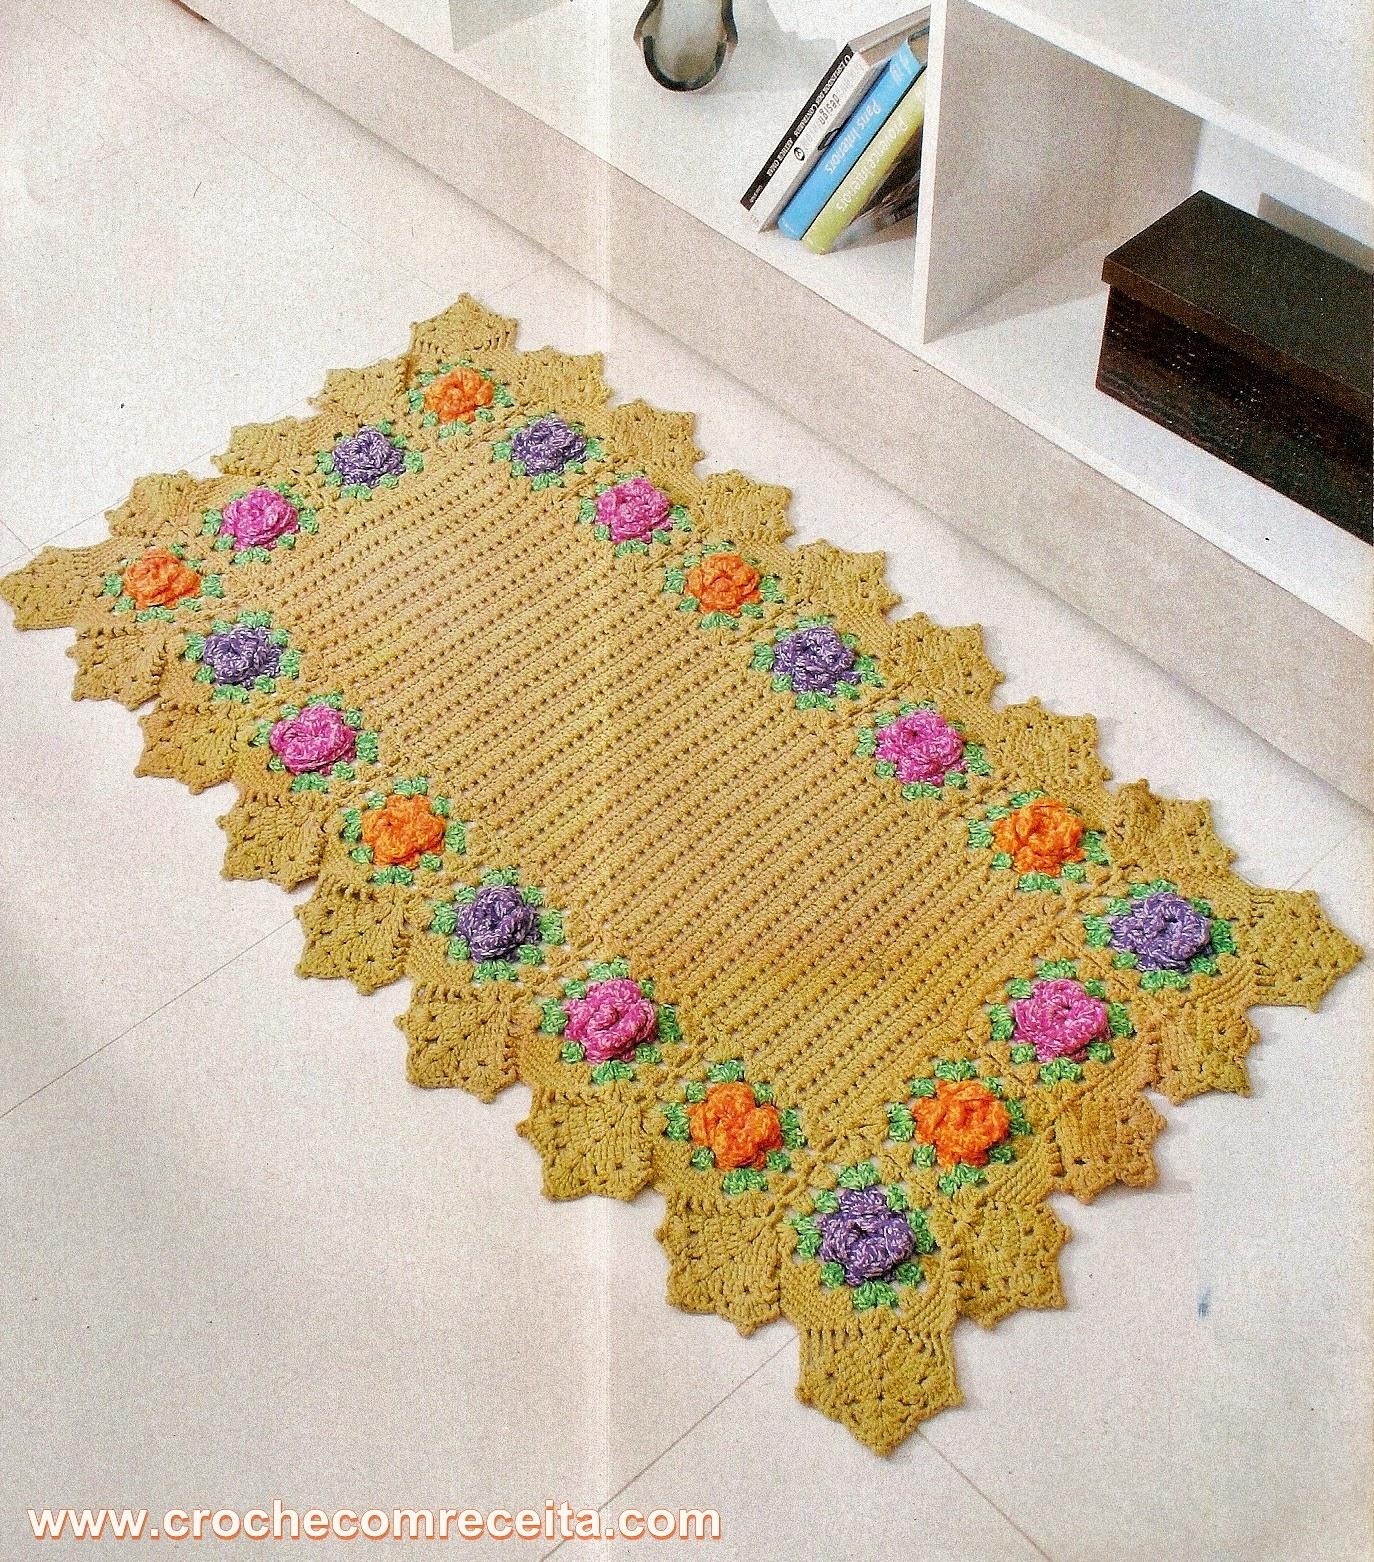 aprenda mais croche aprender croche gratis aprender croche com flores